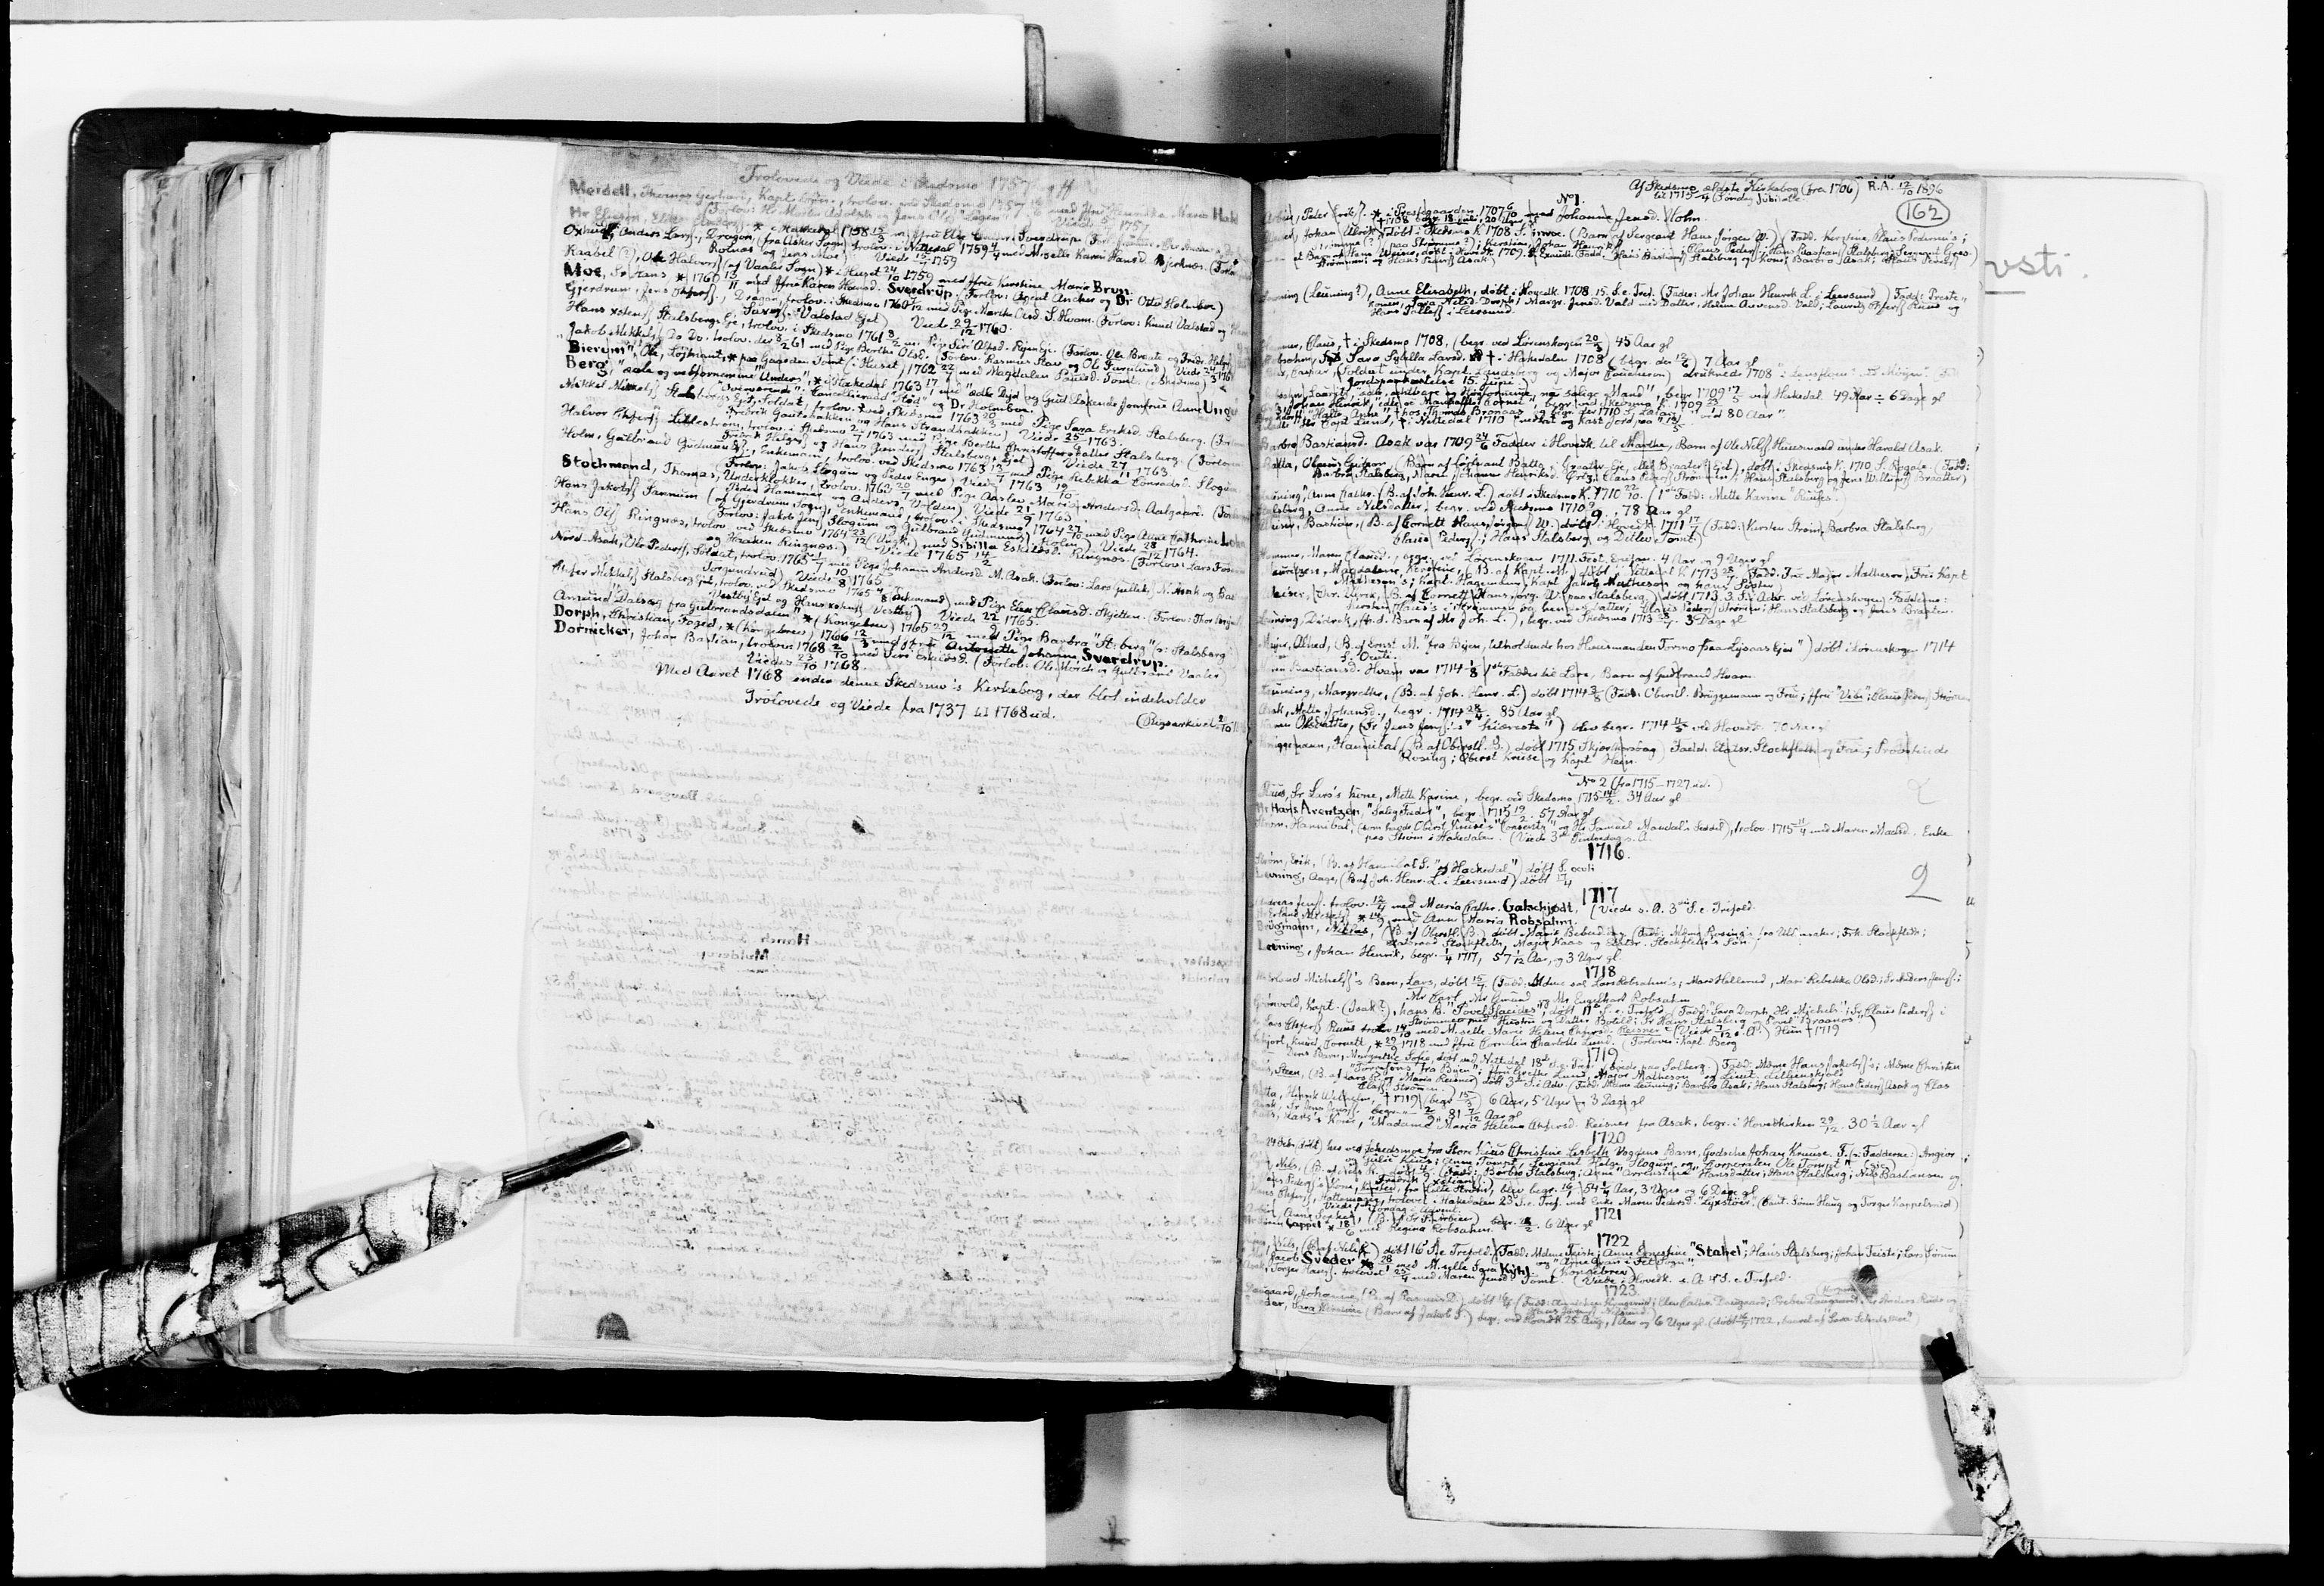 RA, Lassens samlinger, F/Fc, s. 162